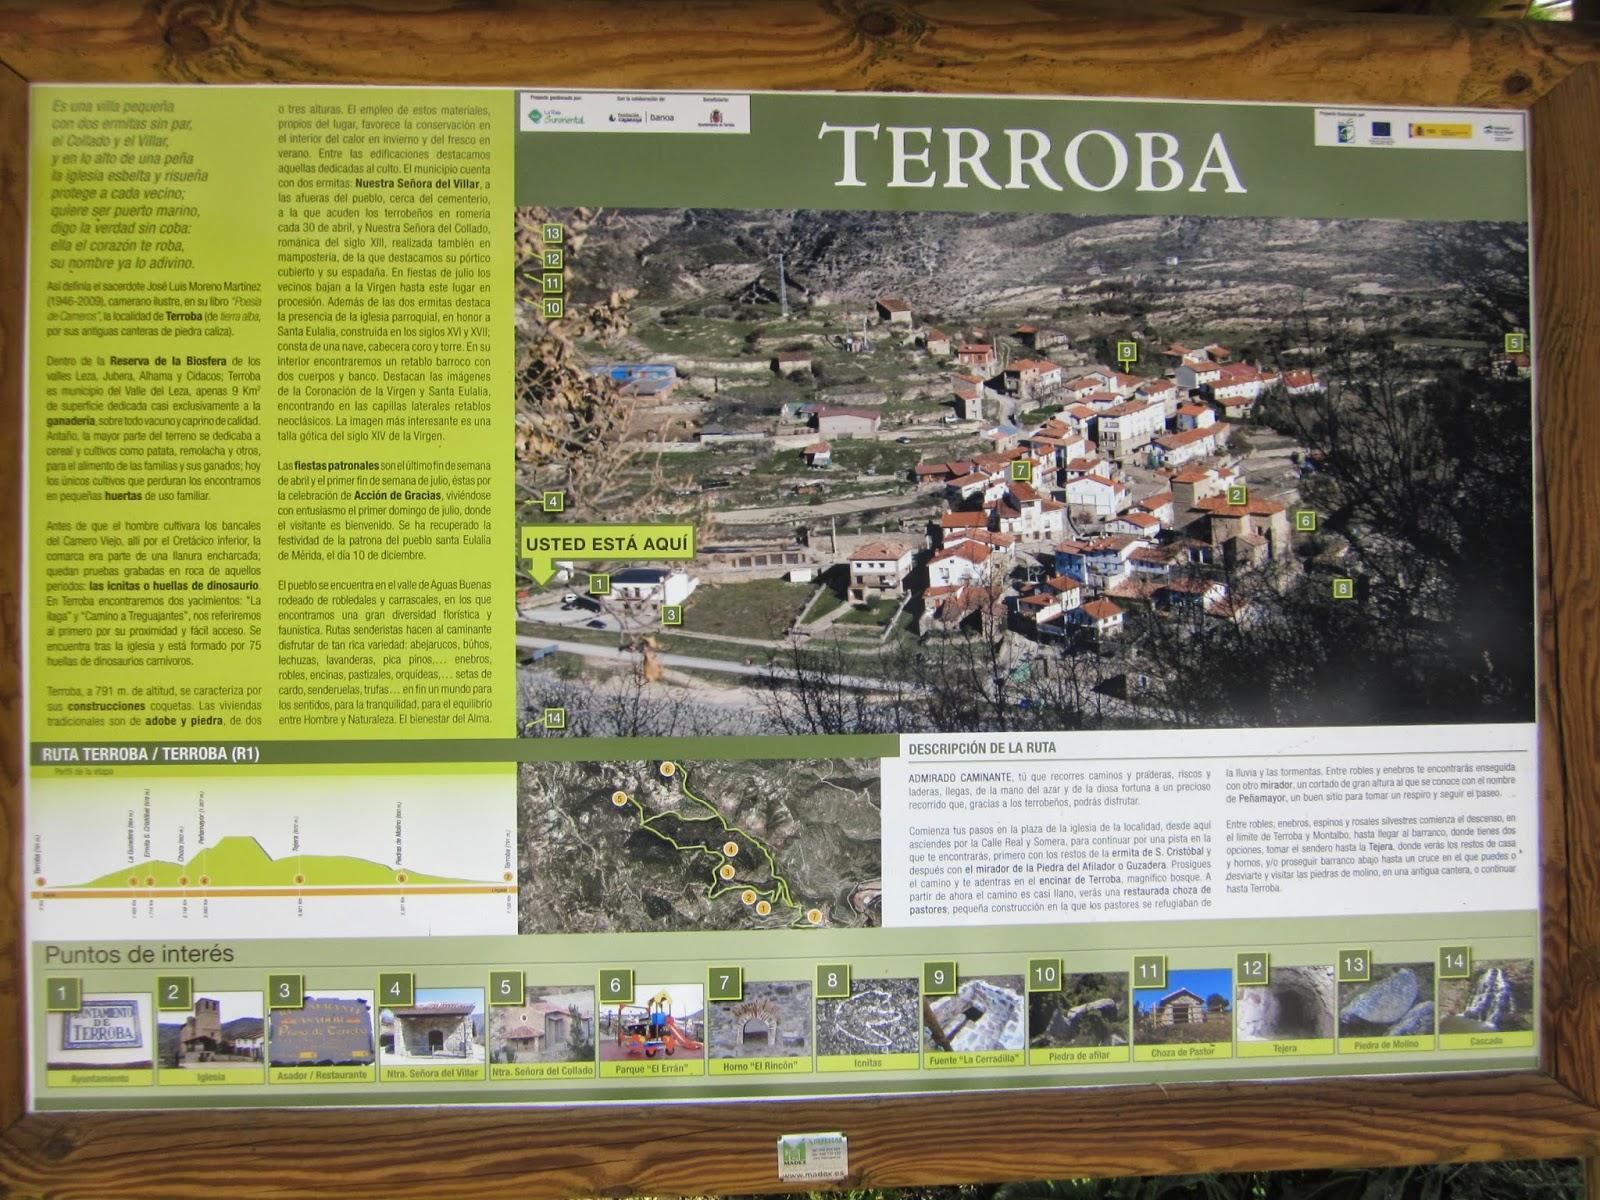 Ruta de senderismo: Terroba - El Carrascal - Tejera - Terroba